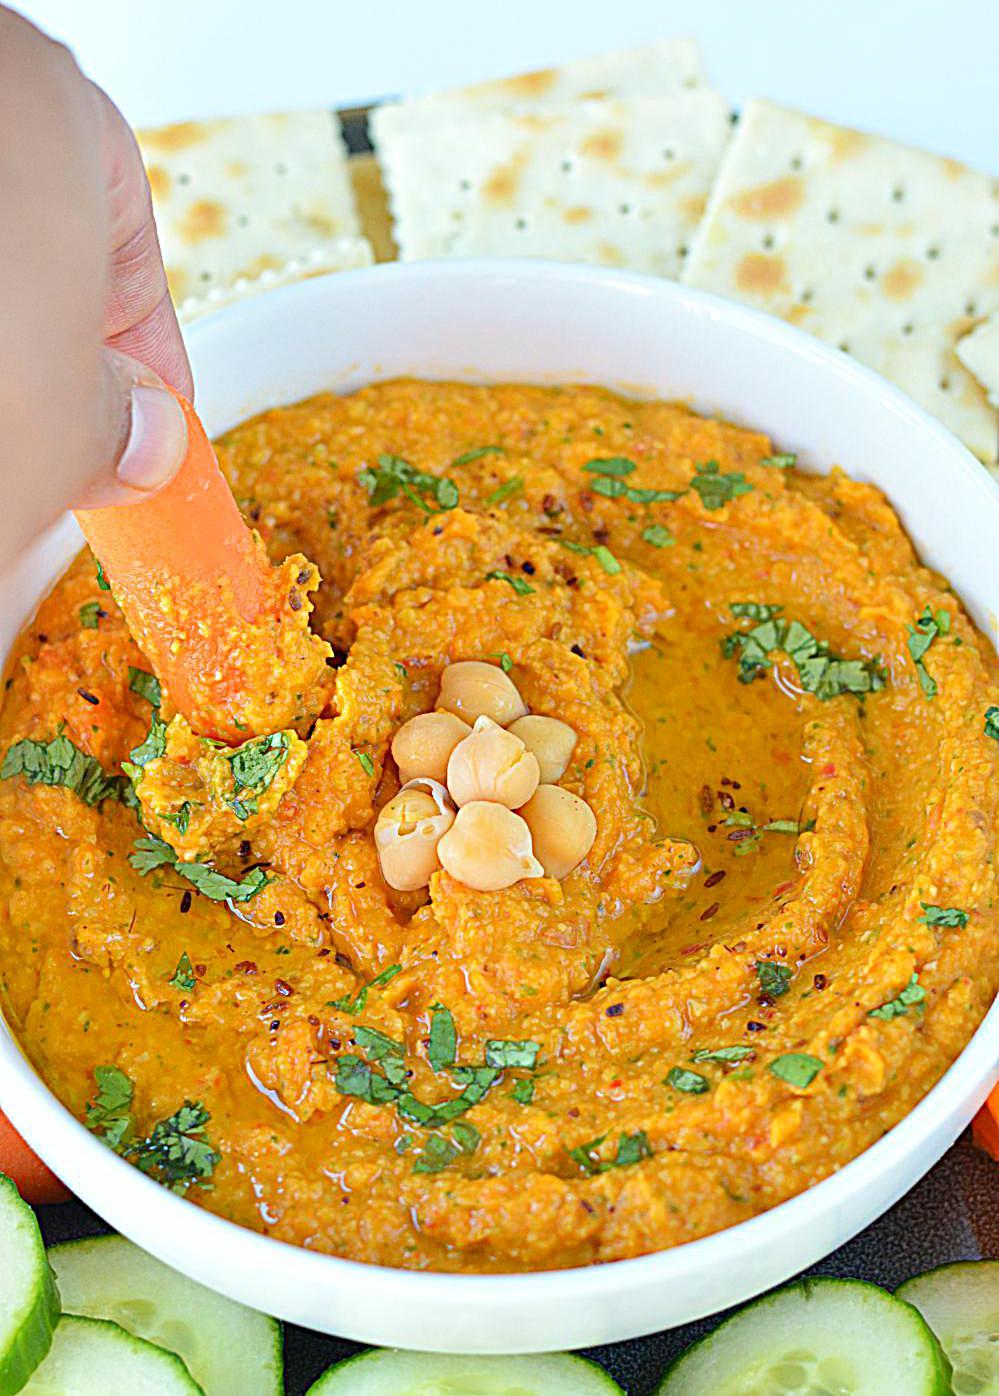 Spicy Chickpea Hummus Recipe